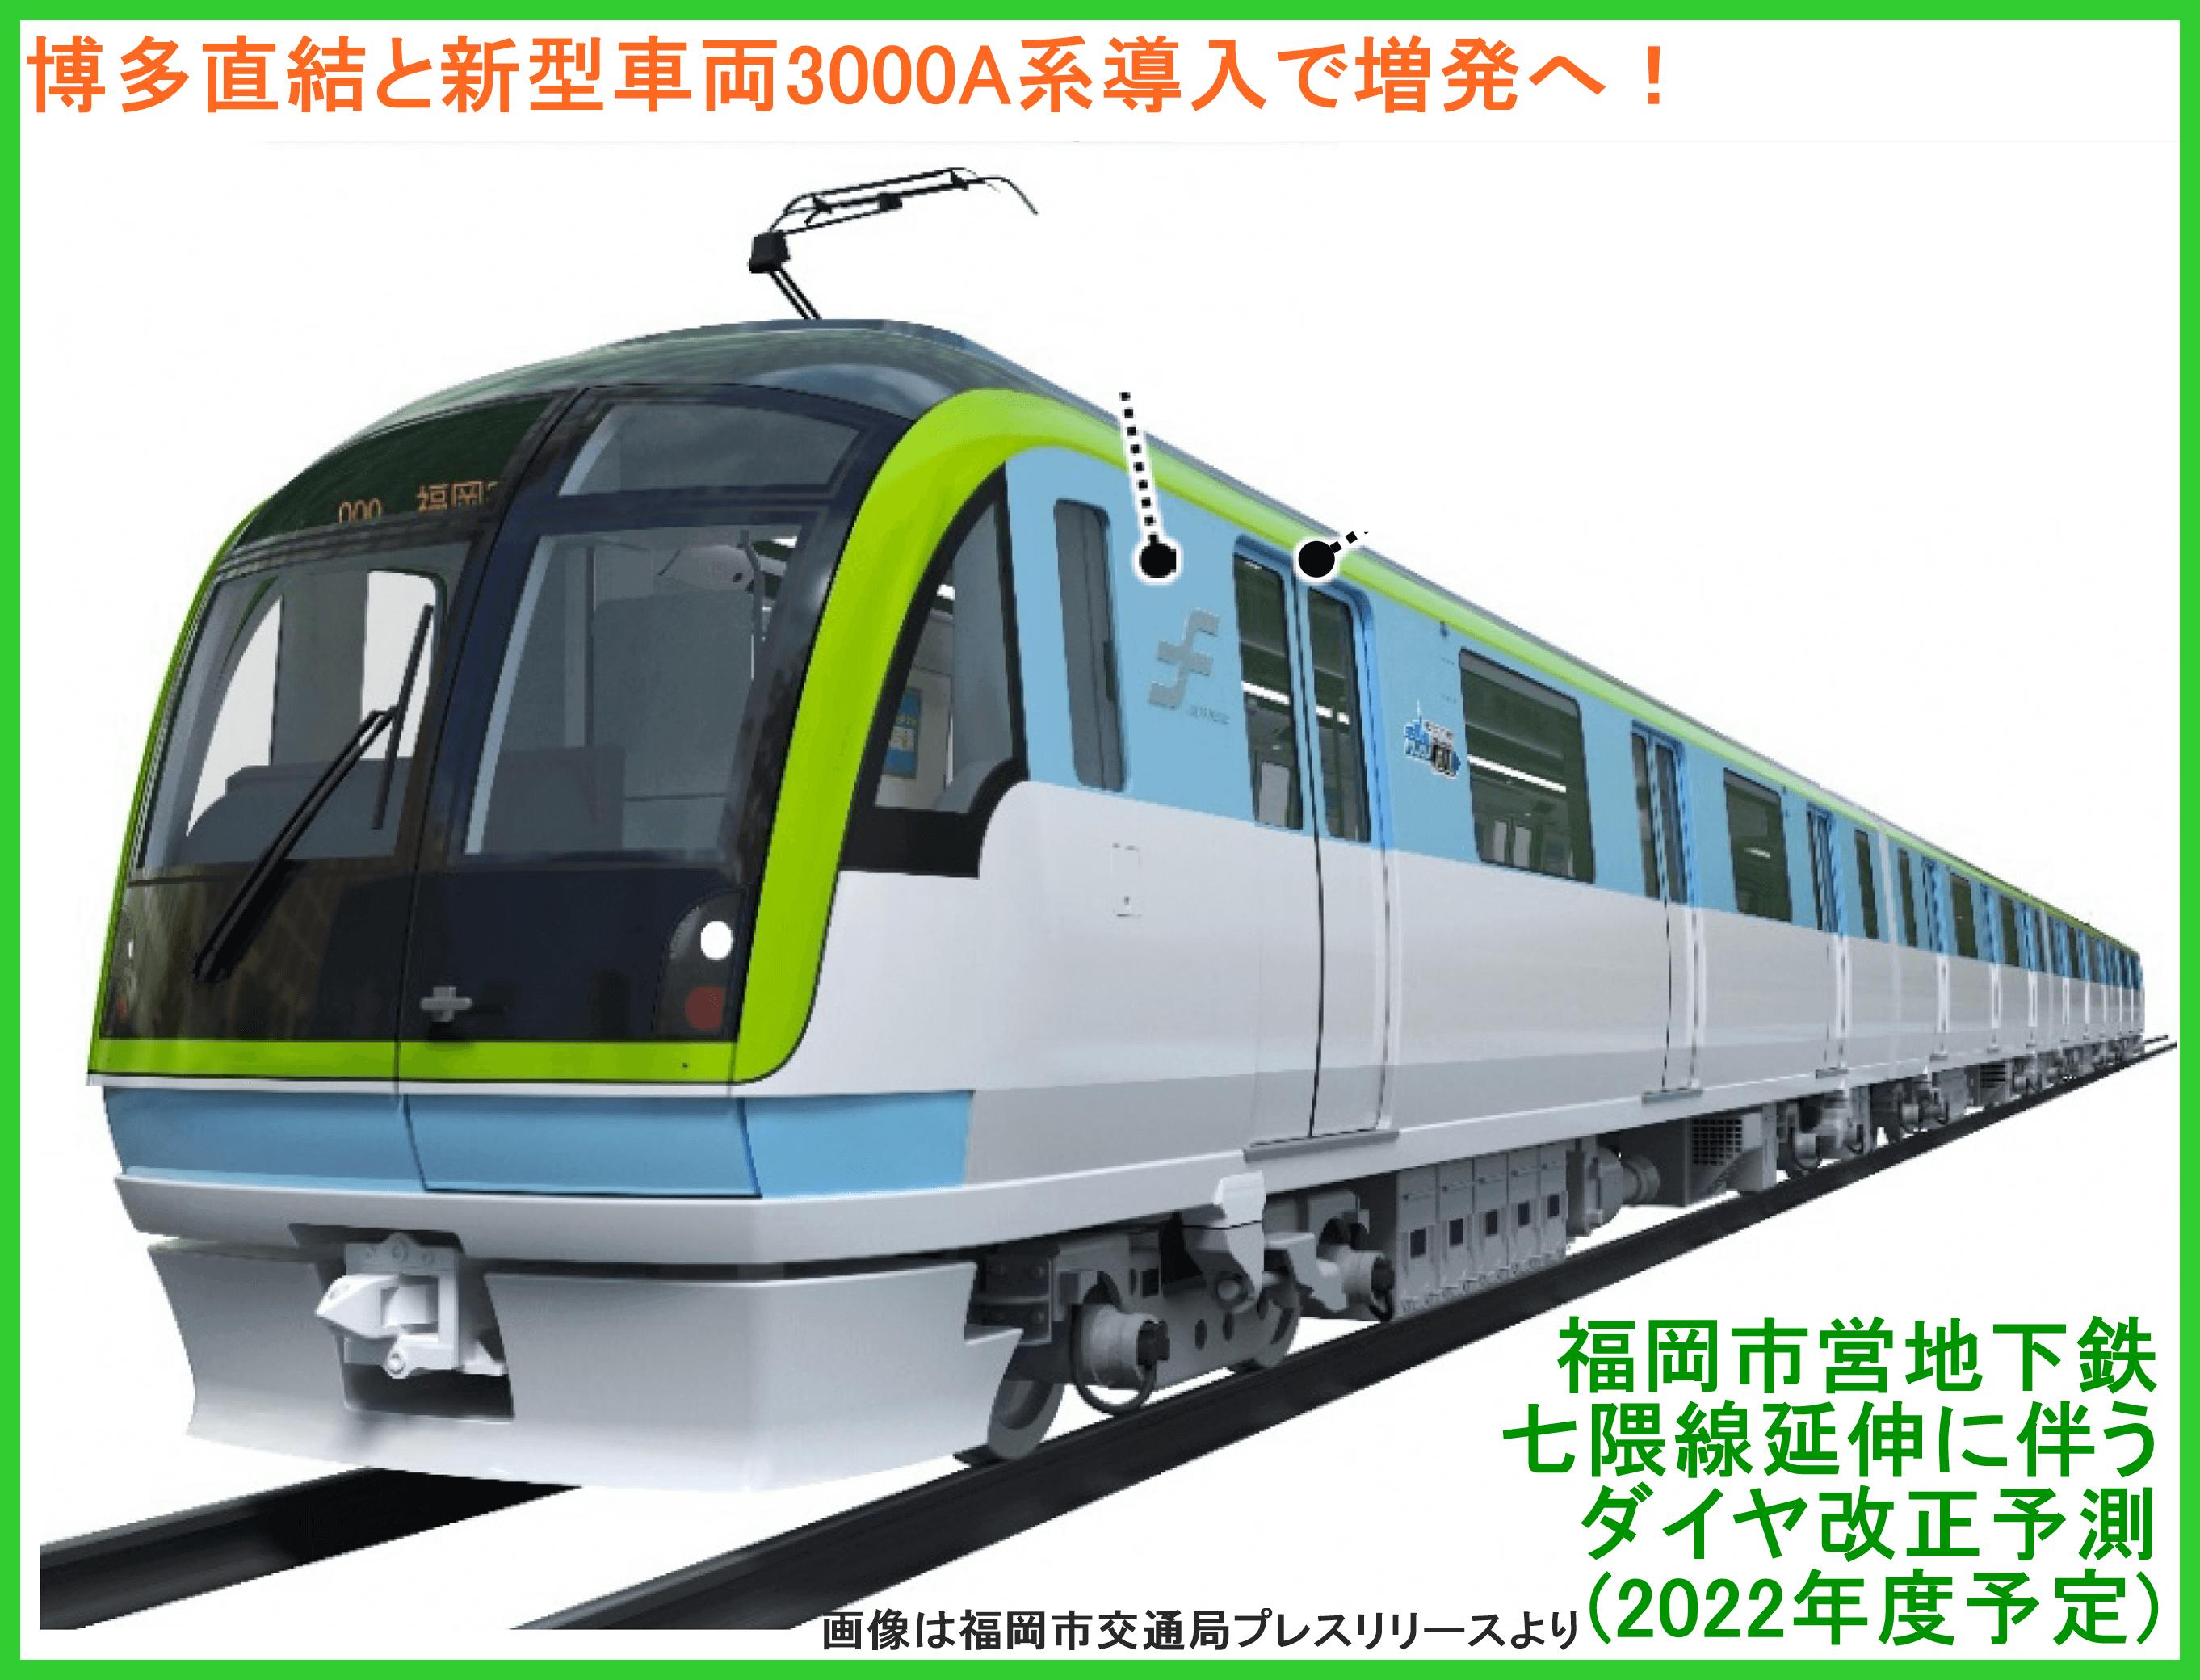 博多直結と新型車両3000A系導入で増発へ! 福岡市営地下鉄七隈線延伸に伴うダイヤ改正予測(2022年度予定)